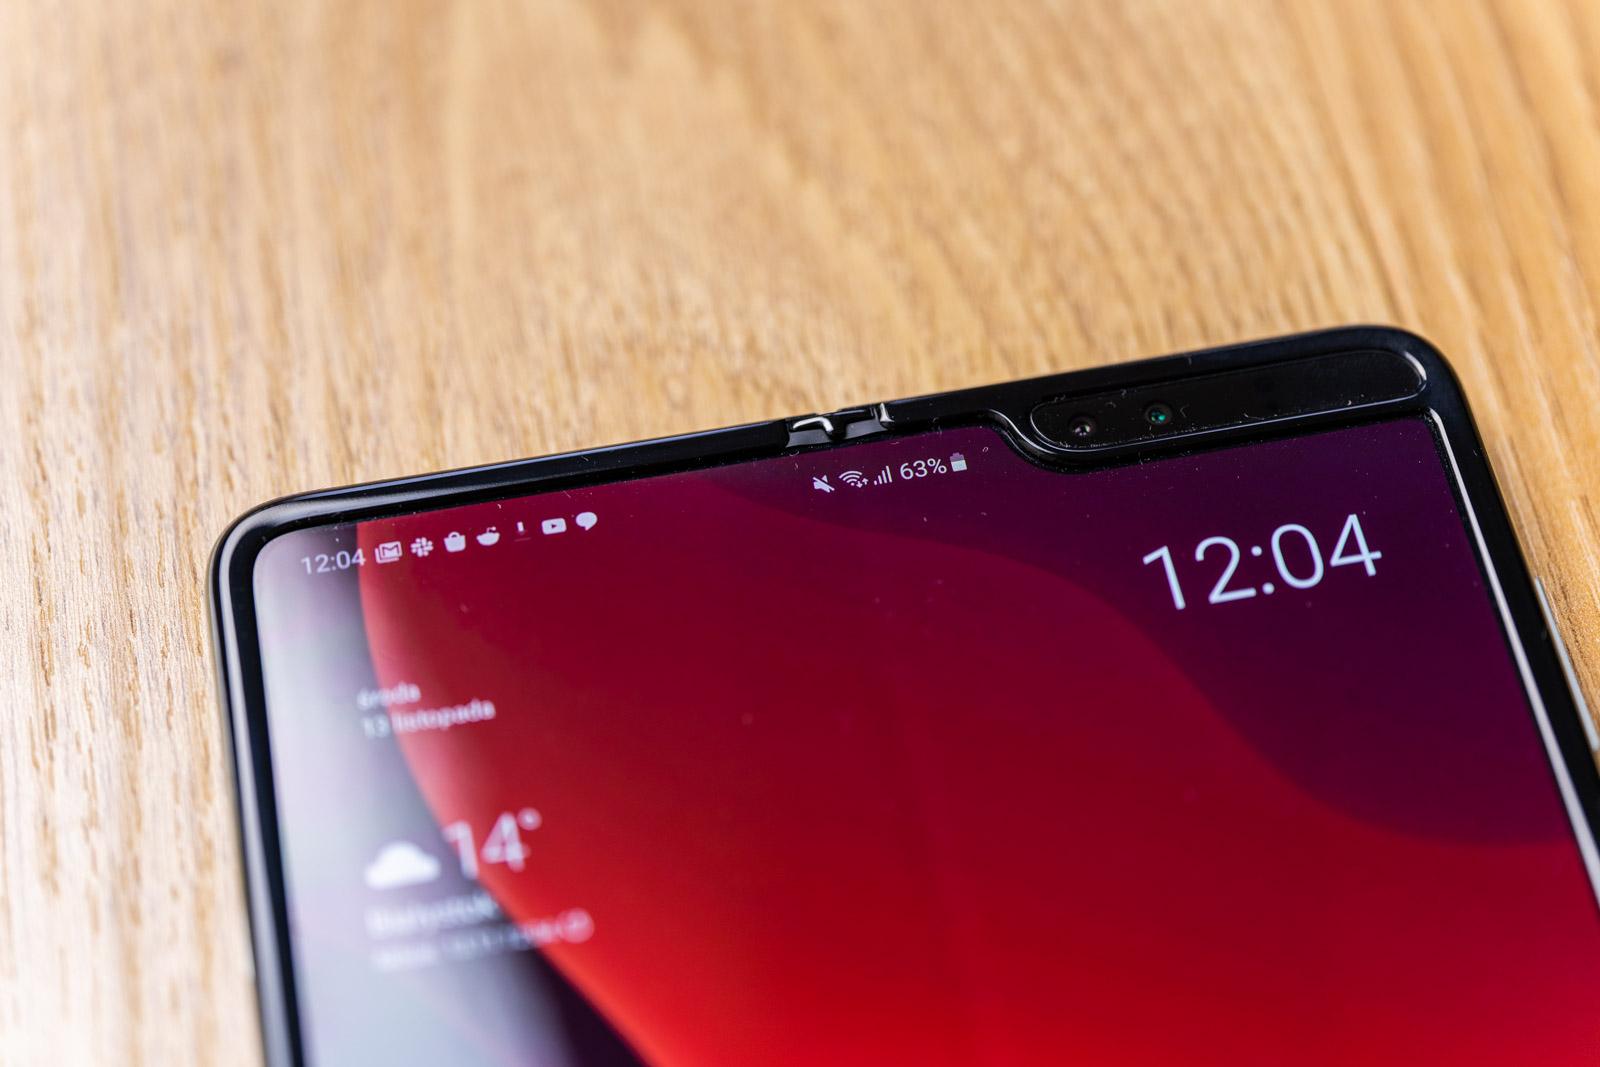 Agur, Notch!  Samsung Galaxy Fold 2  pantaila azpian kamera batekin uztailean estreinatuko da